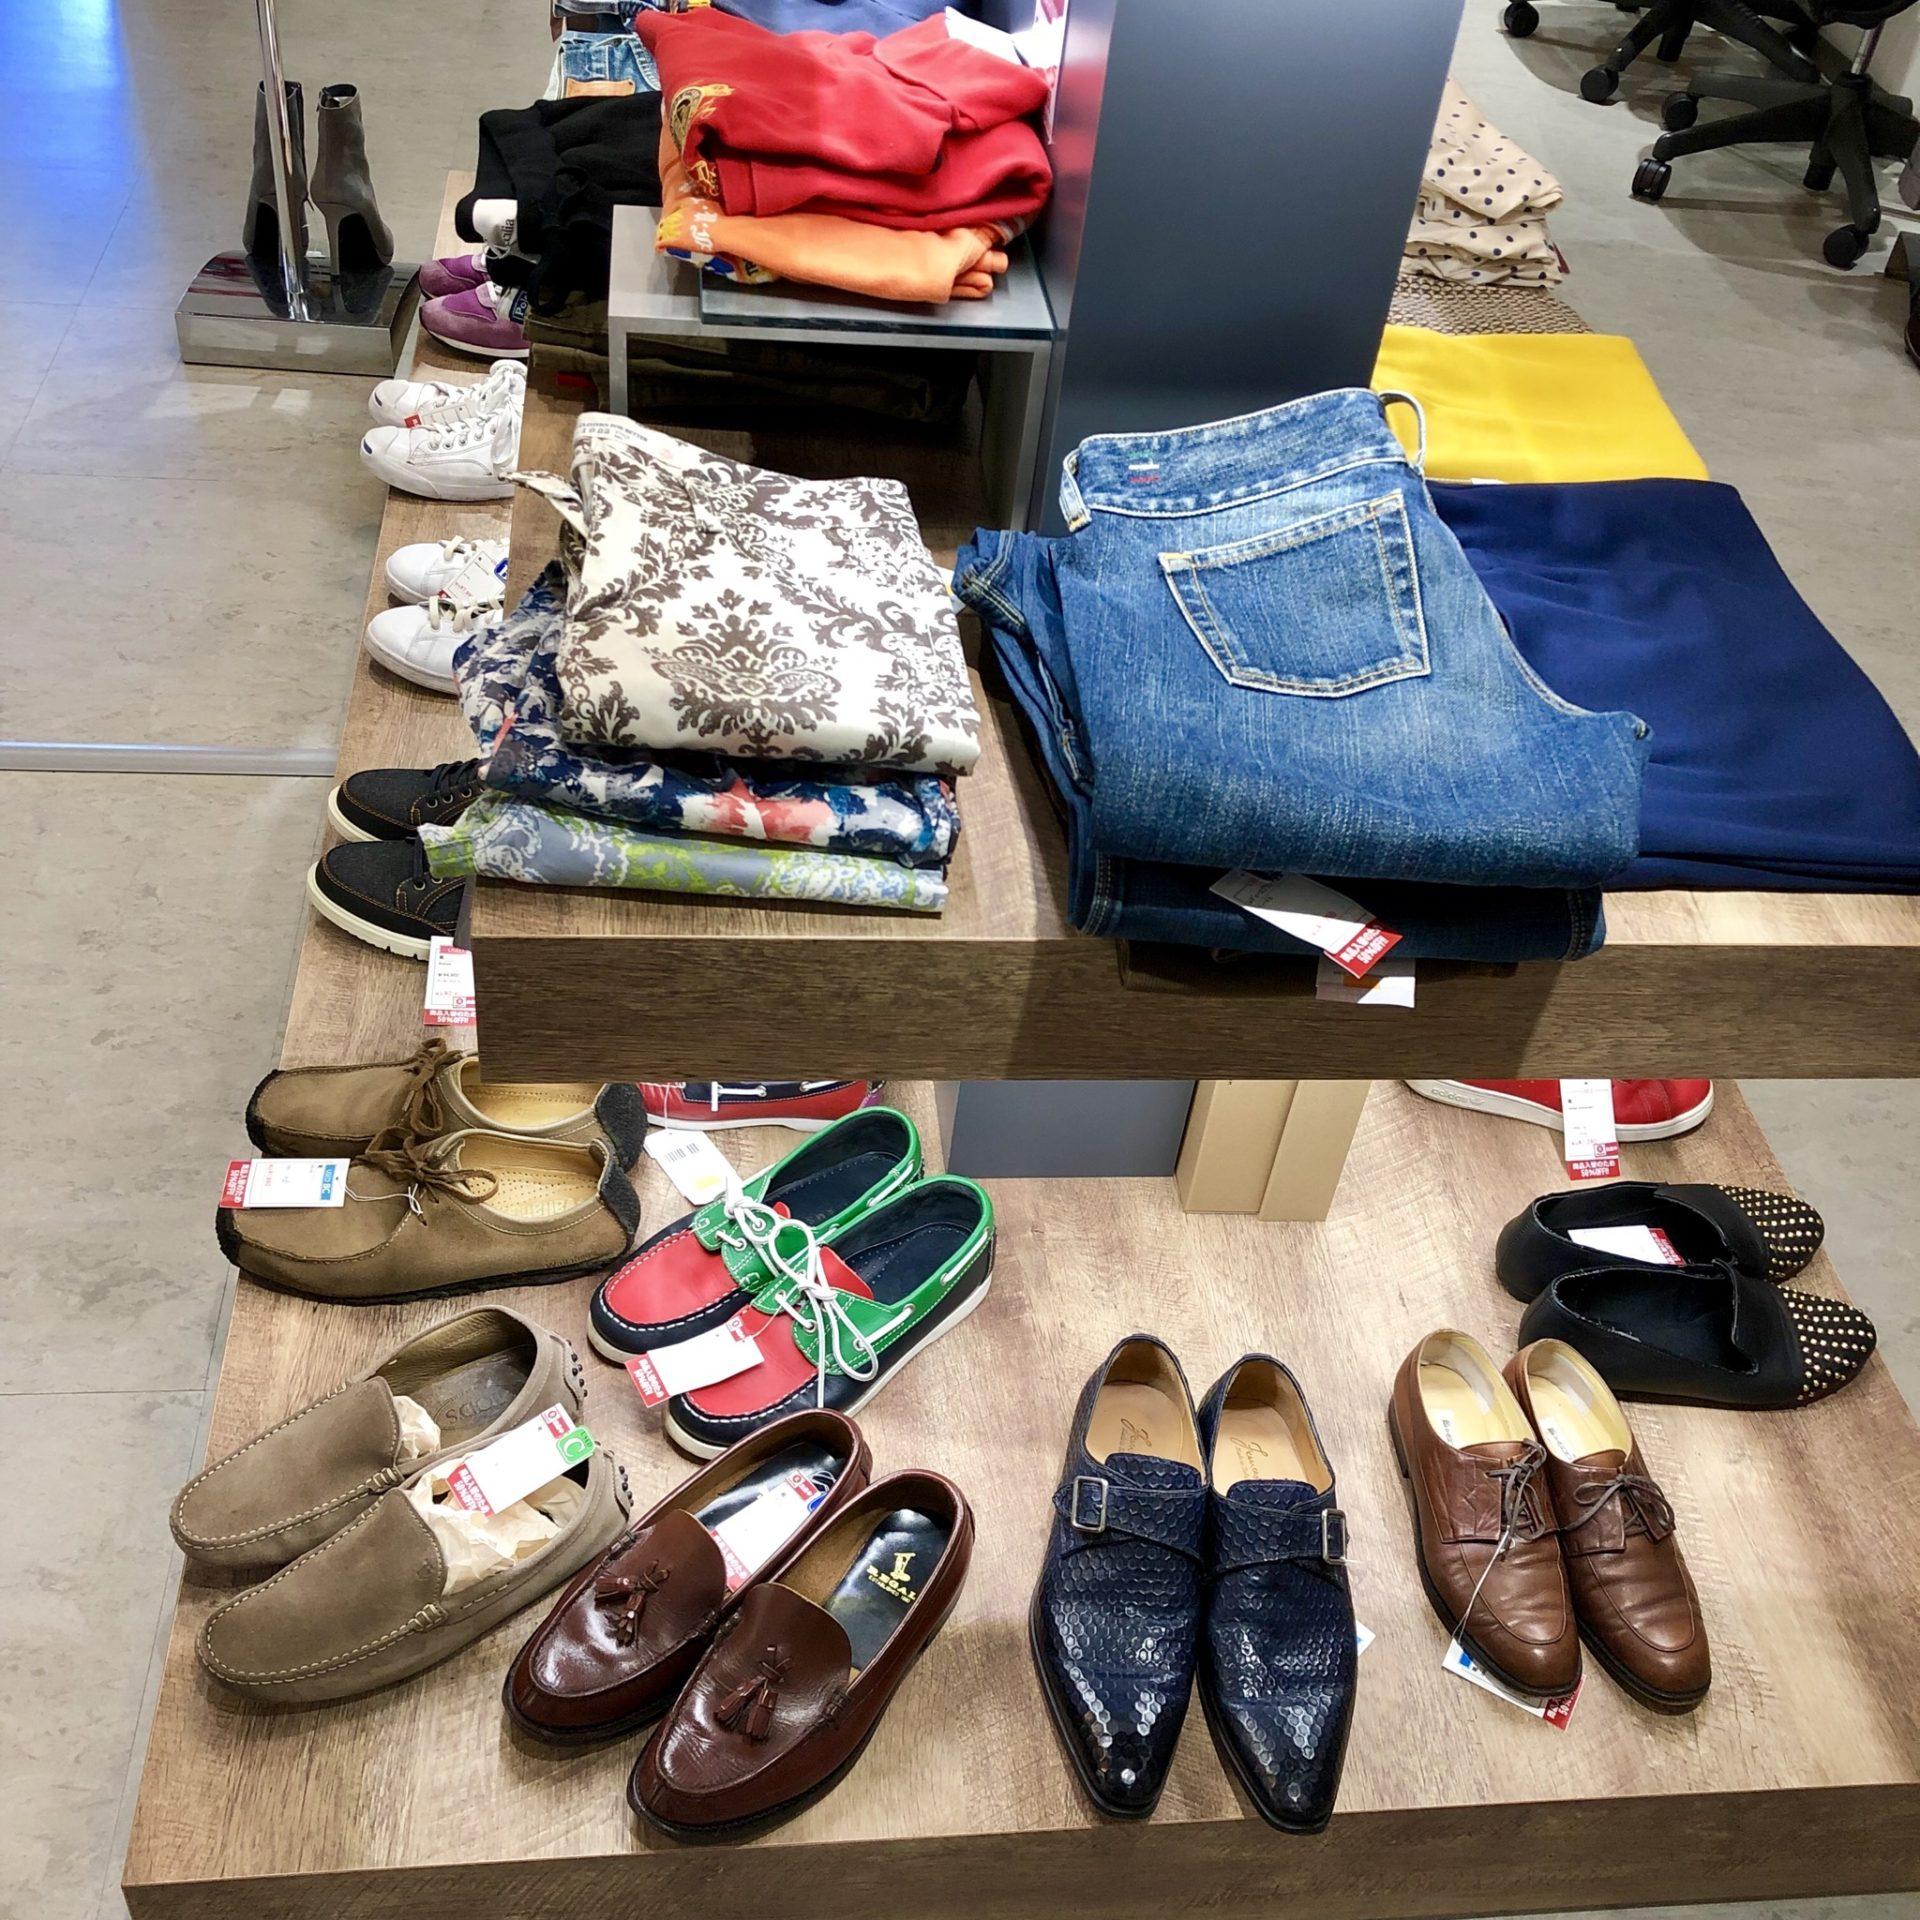 【盛岡 アパレル 販売】人気ブランドの洋服や靴が一部『50%OFF』!!